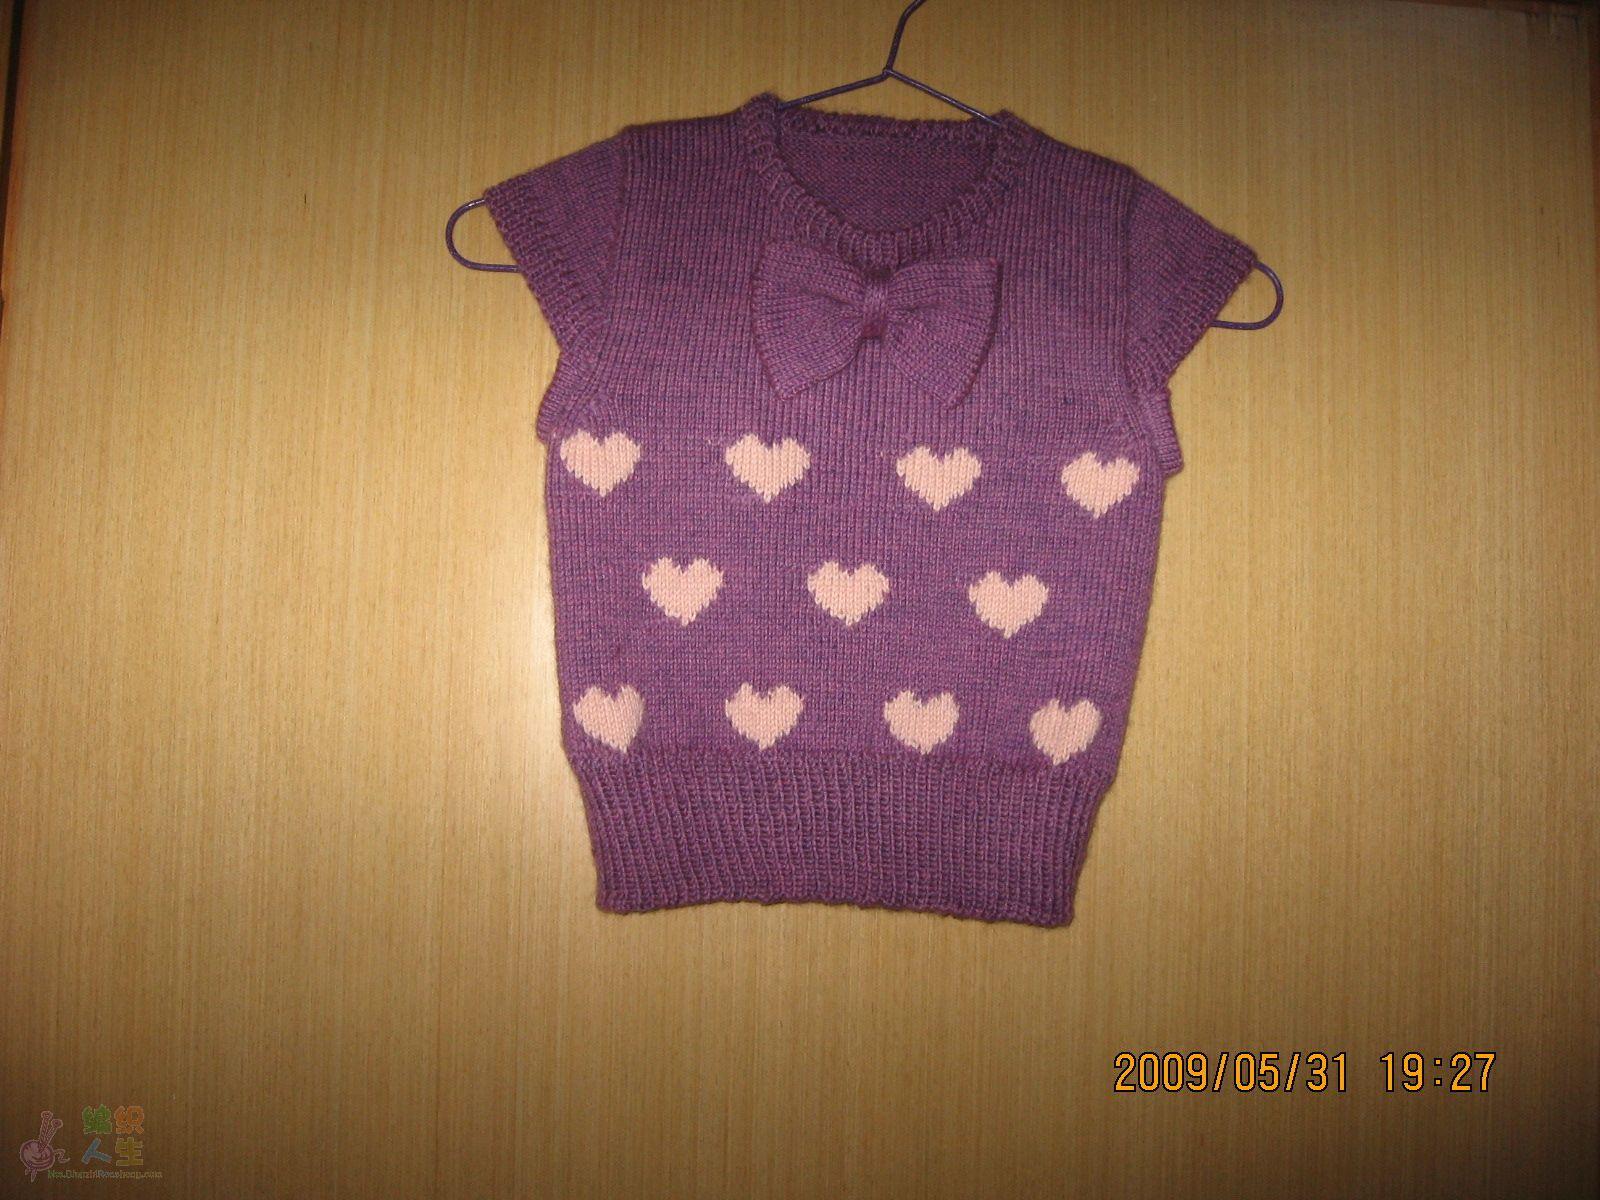 蝙蝠网衫编织图解